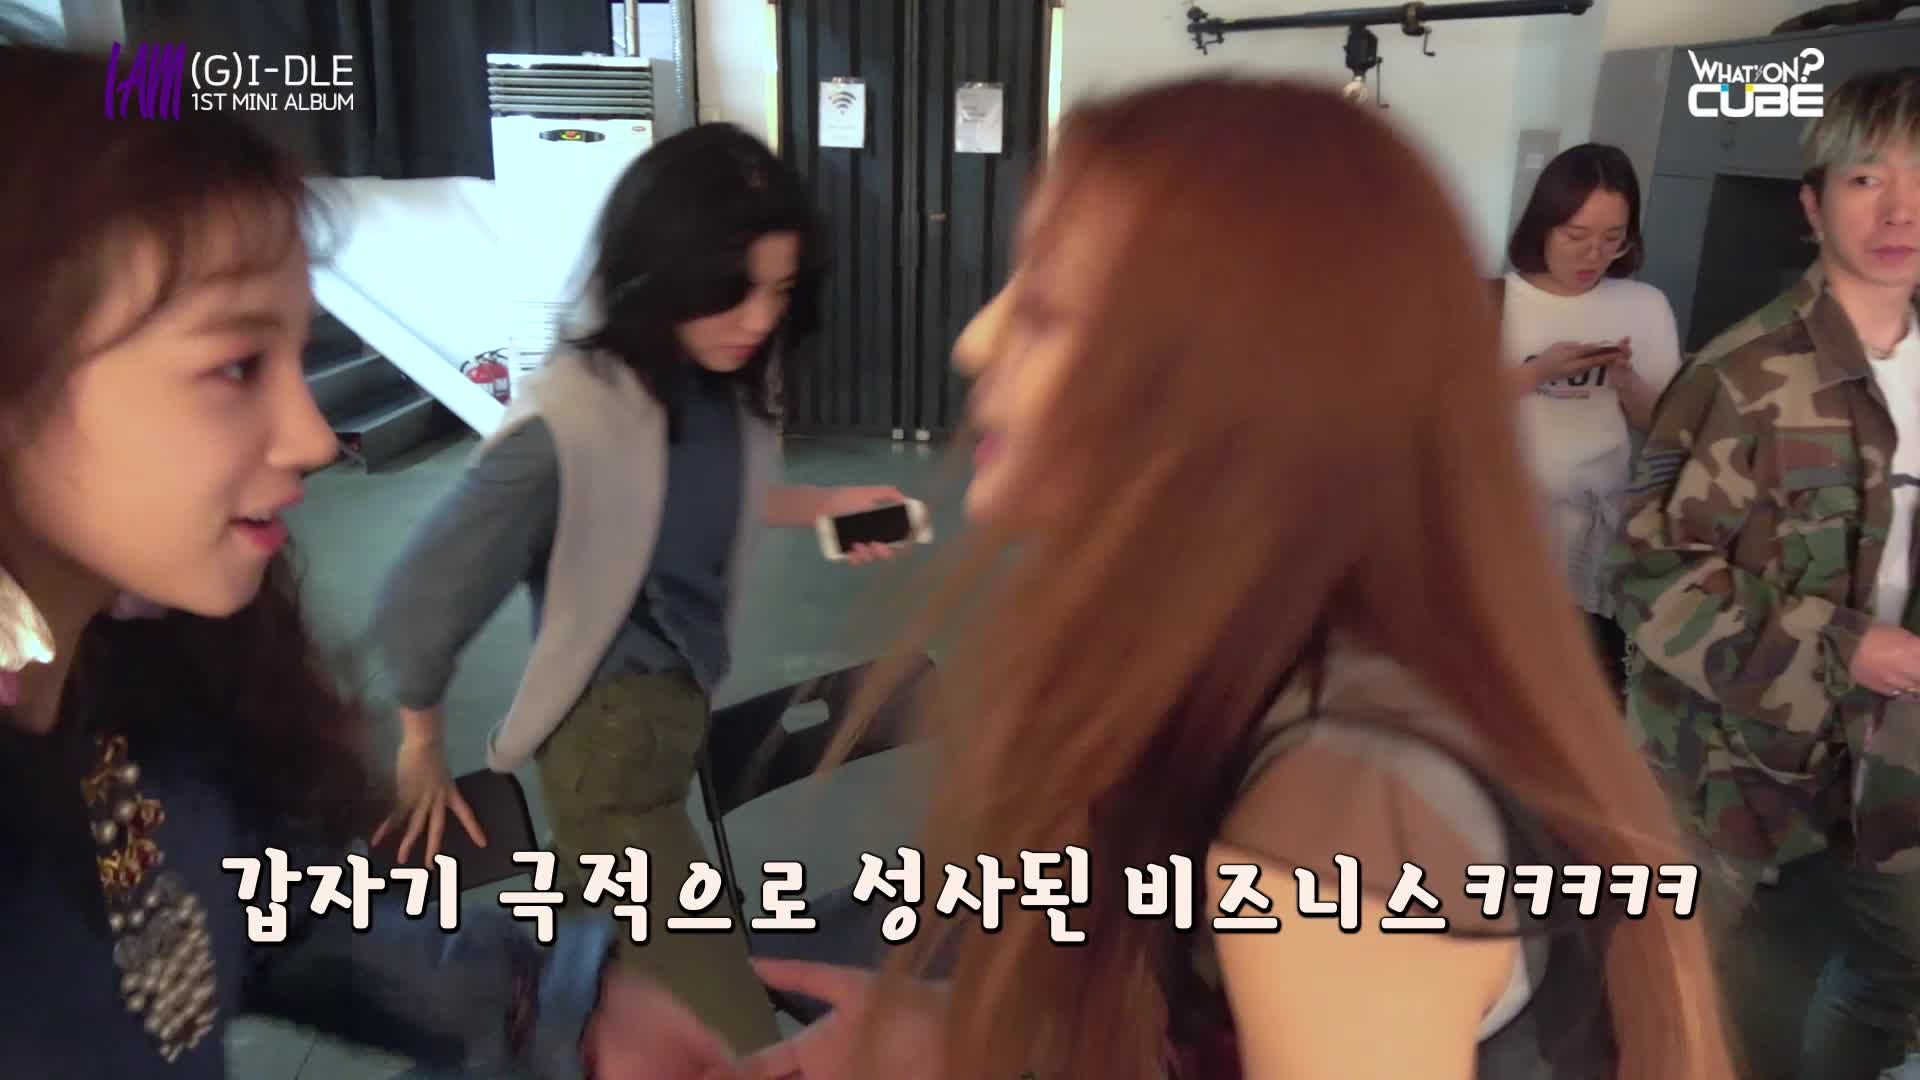 (여자)아이들 - I-TALK #7 : '1st Look' 첫 화보 현장 비하인드